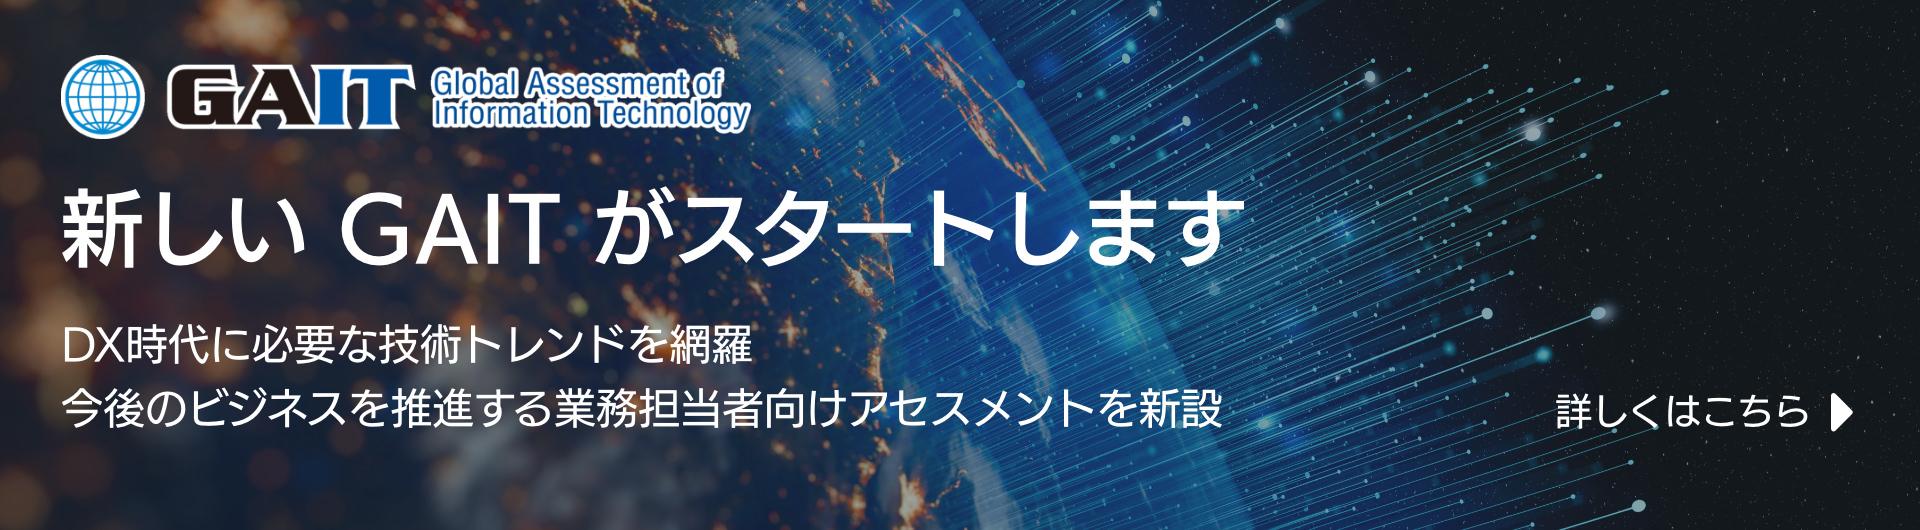 New-gait-banner-image